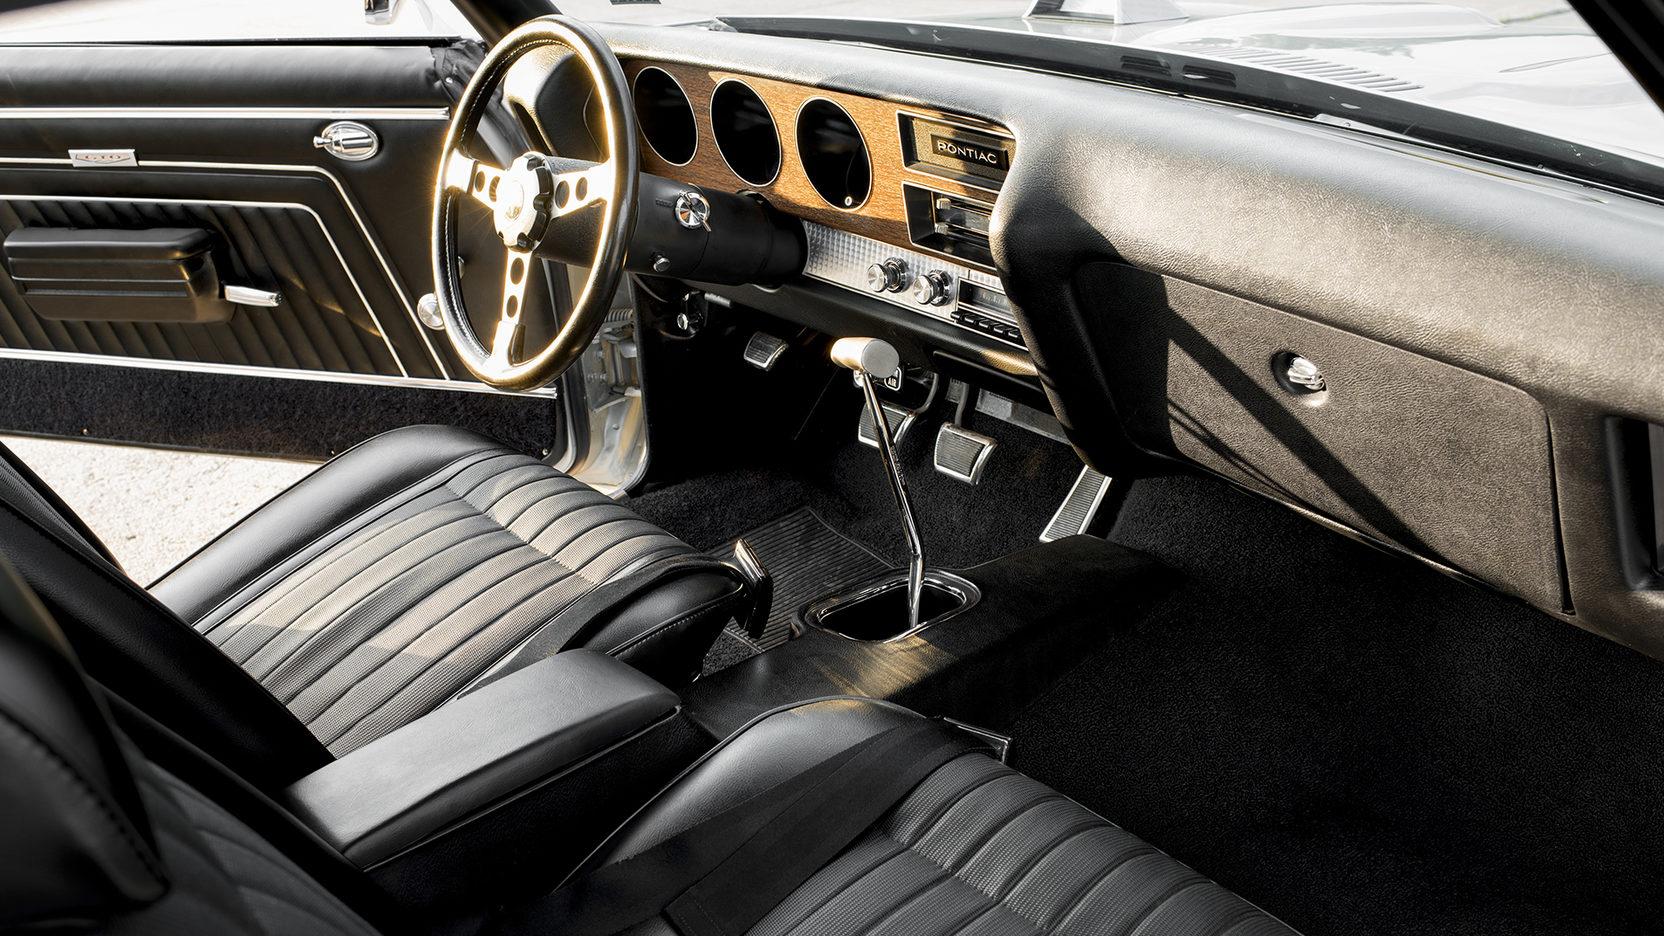 1970 Pontiac GTO Ram Air IV passenger interior